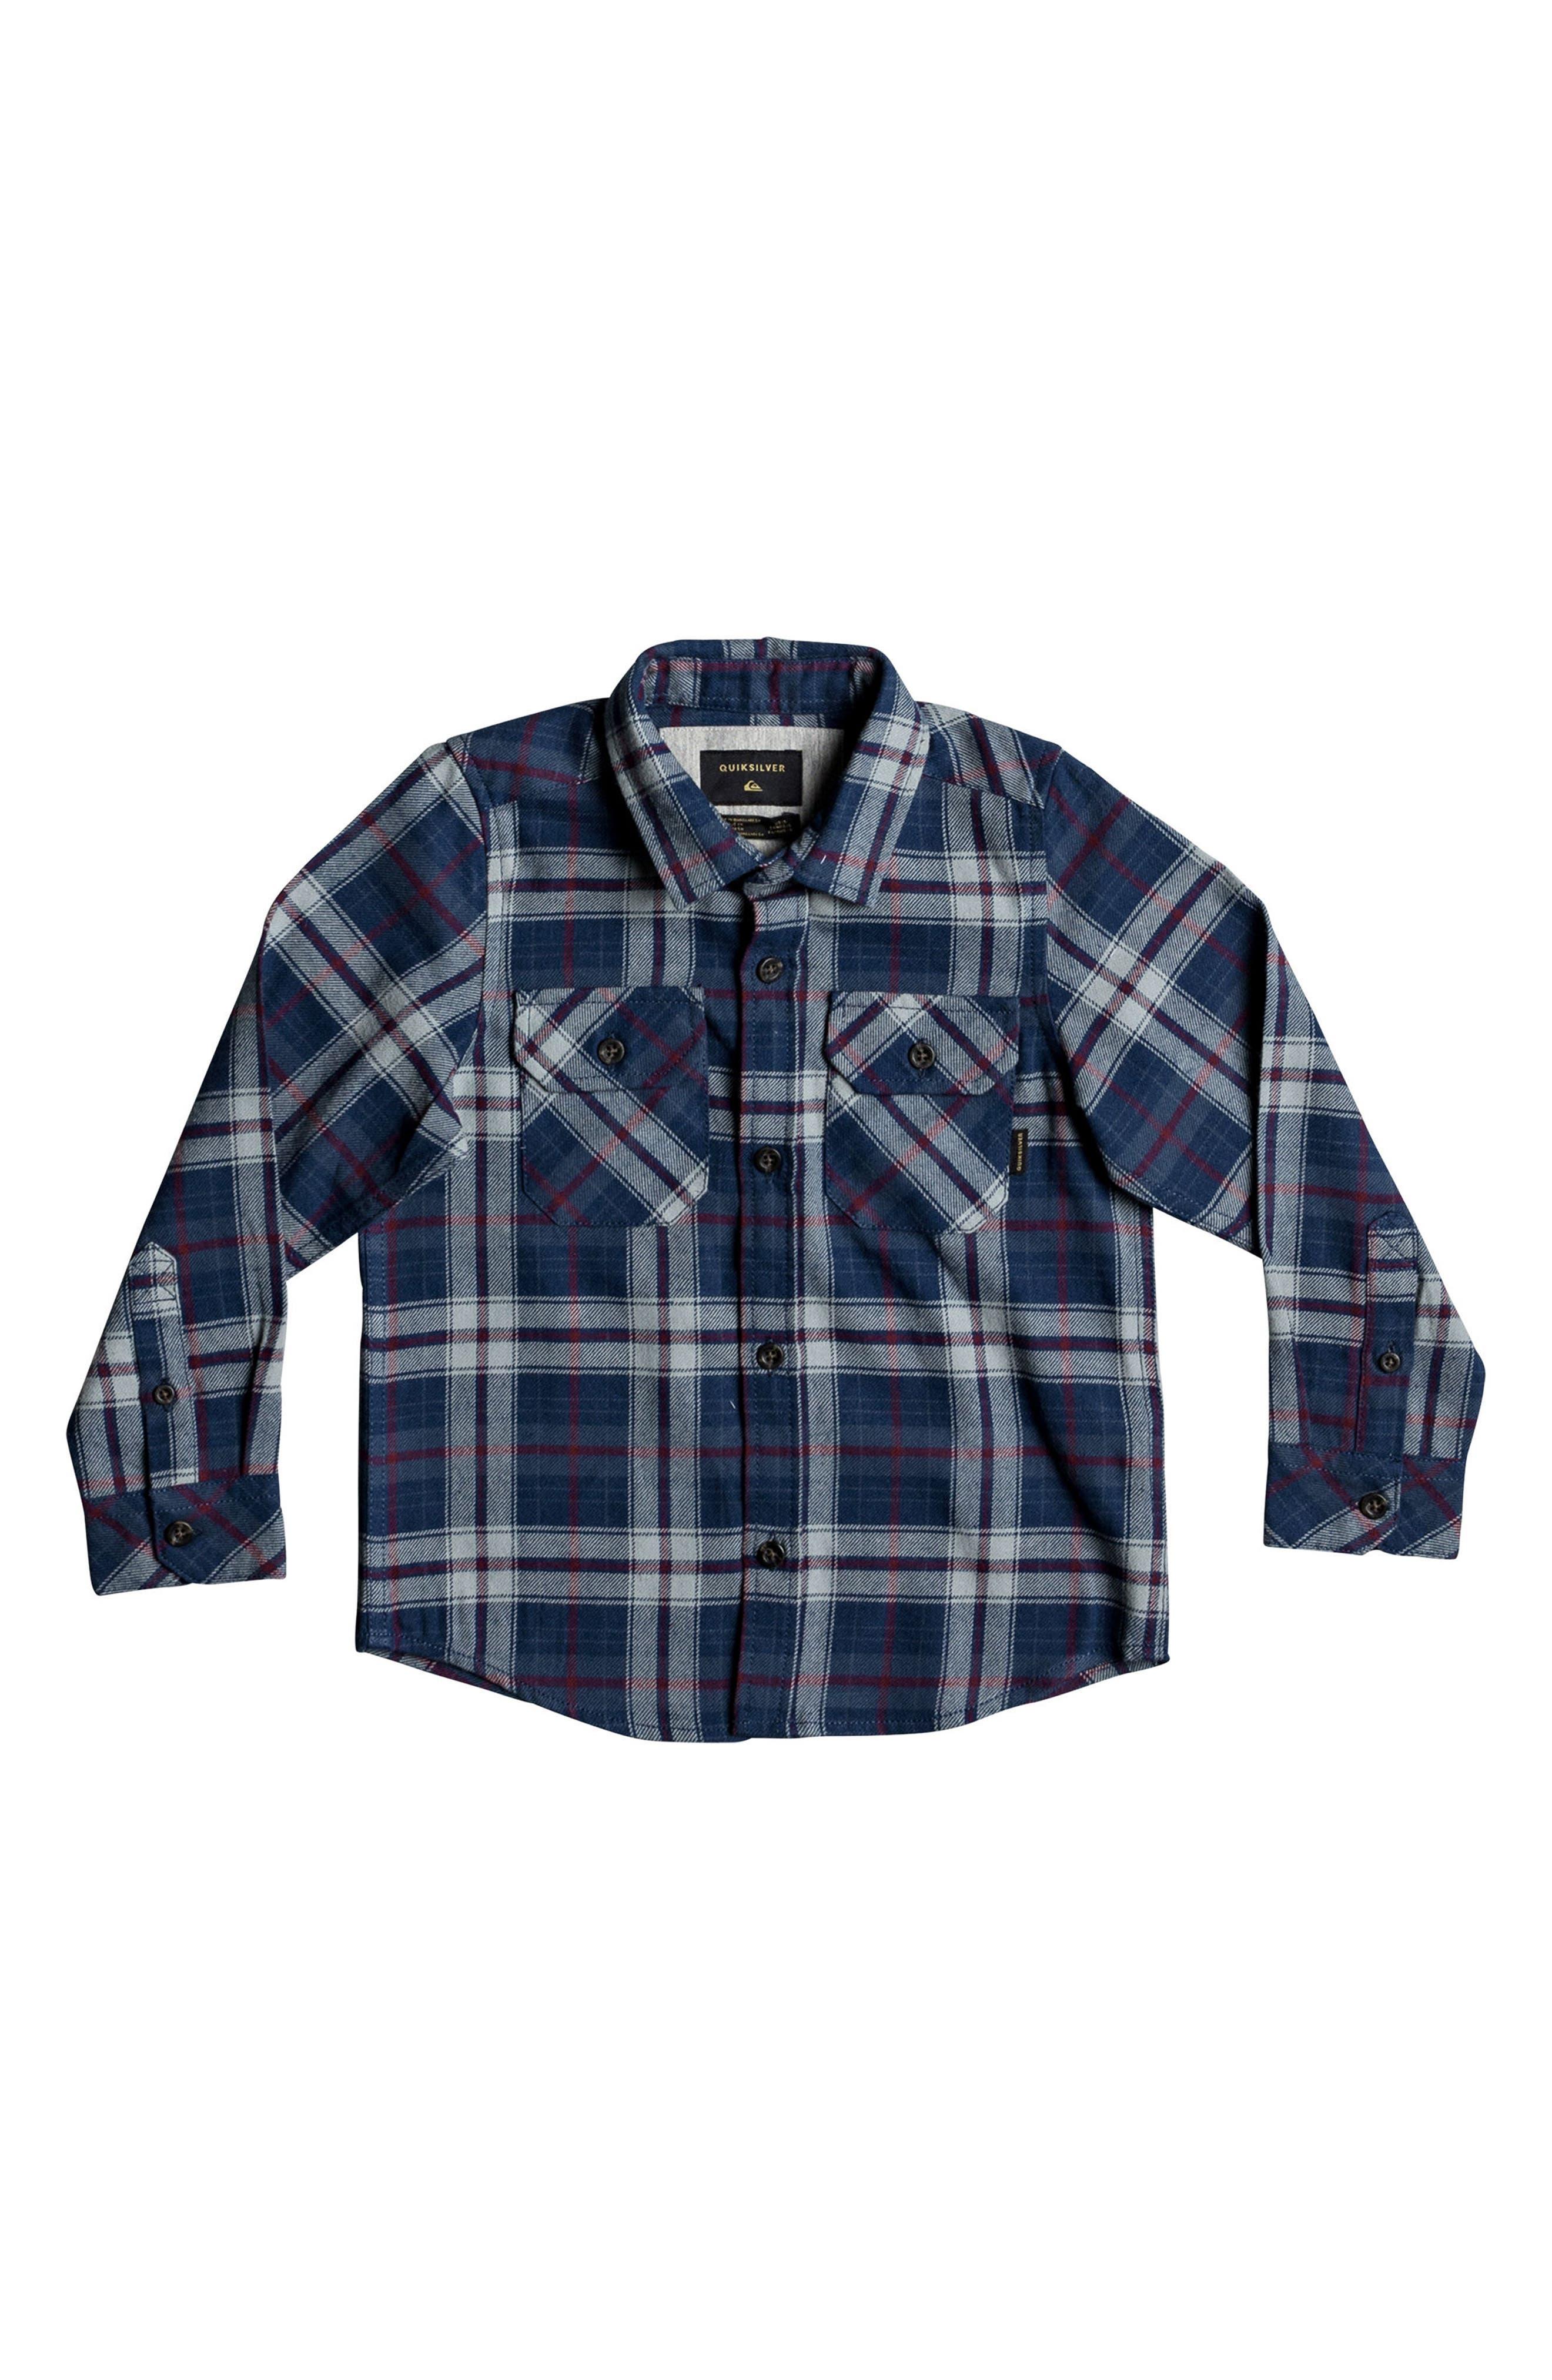 Fitzspeere Plaid Flannel Shirt,                             Main thumbnail 1, color,                             401